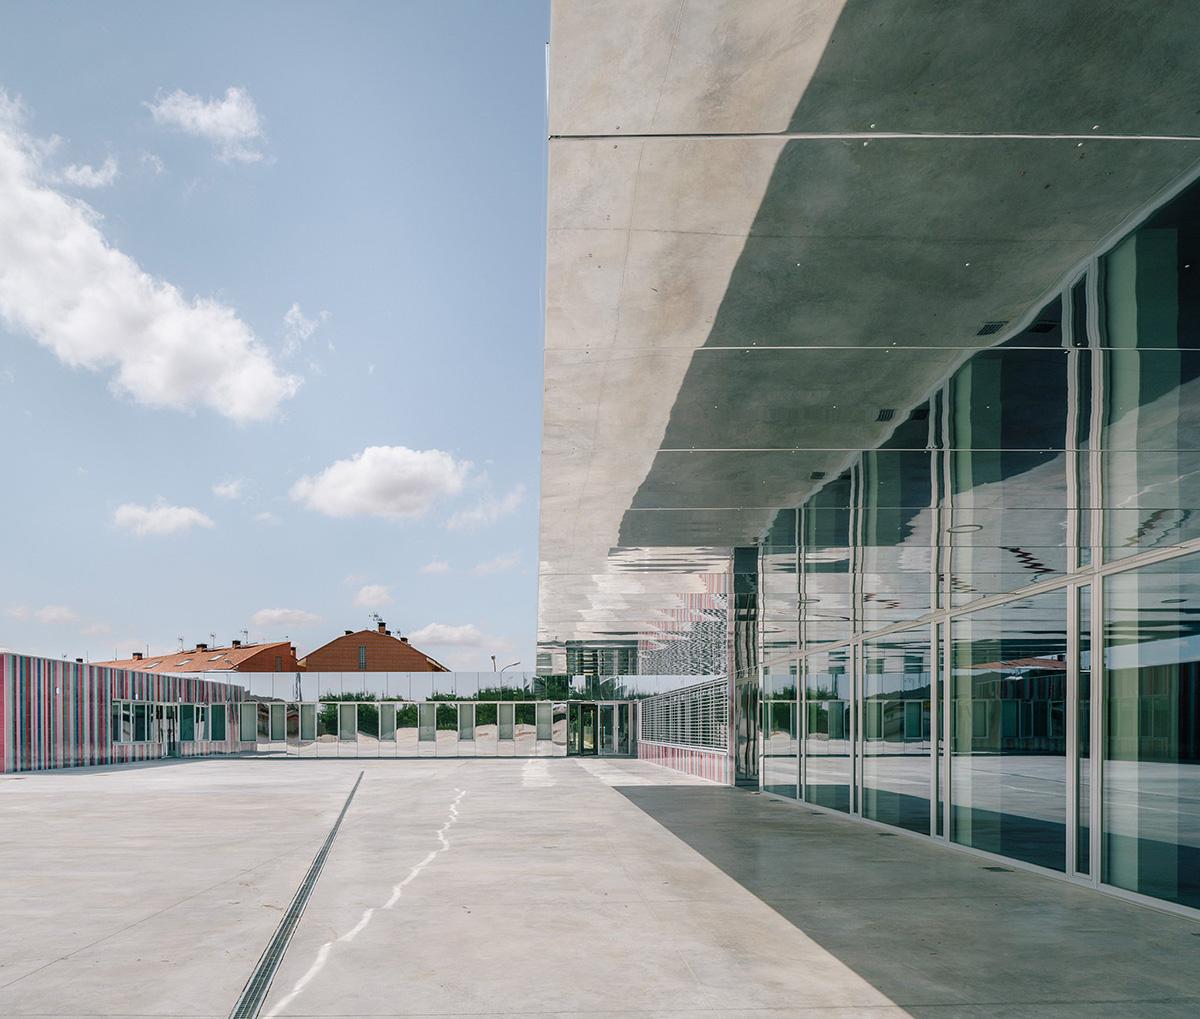 10-colegio-casi-invisible-ablm-arquitectos-foto-miguel-de-guzman